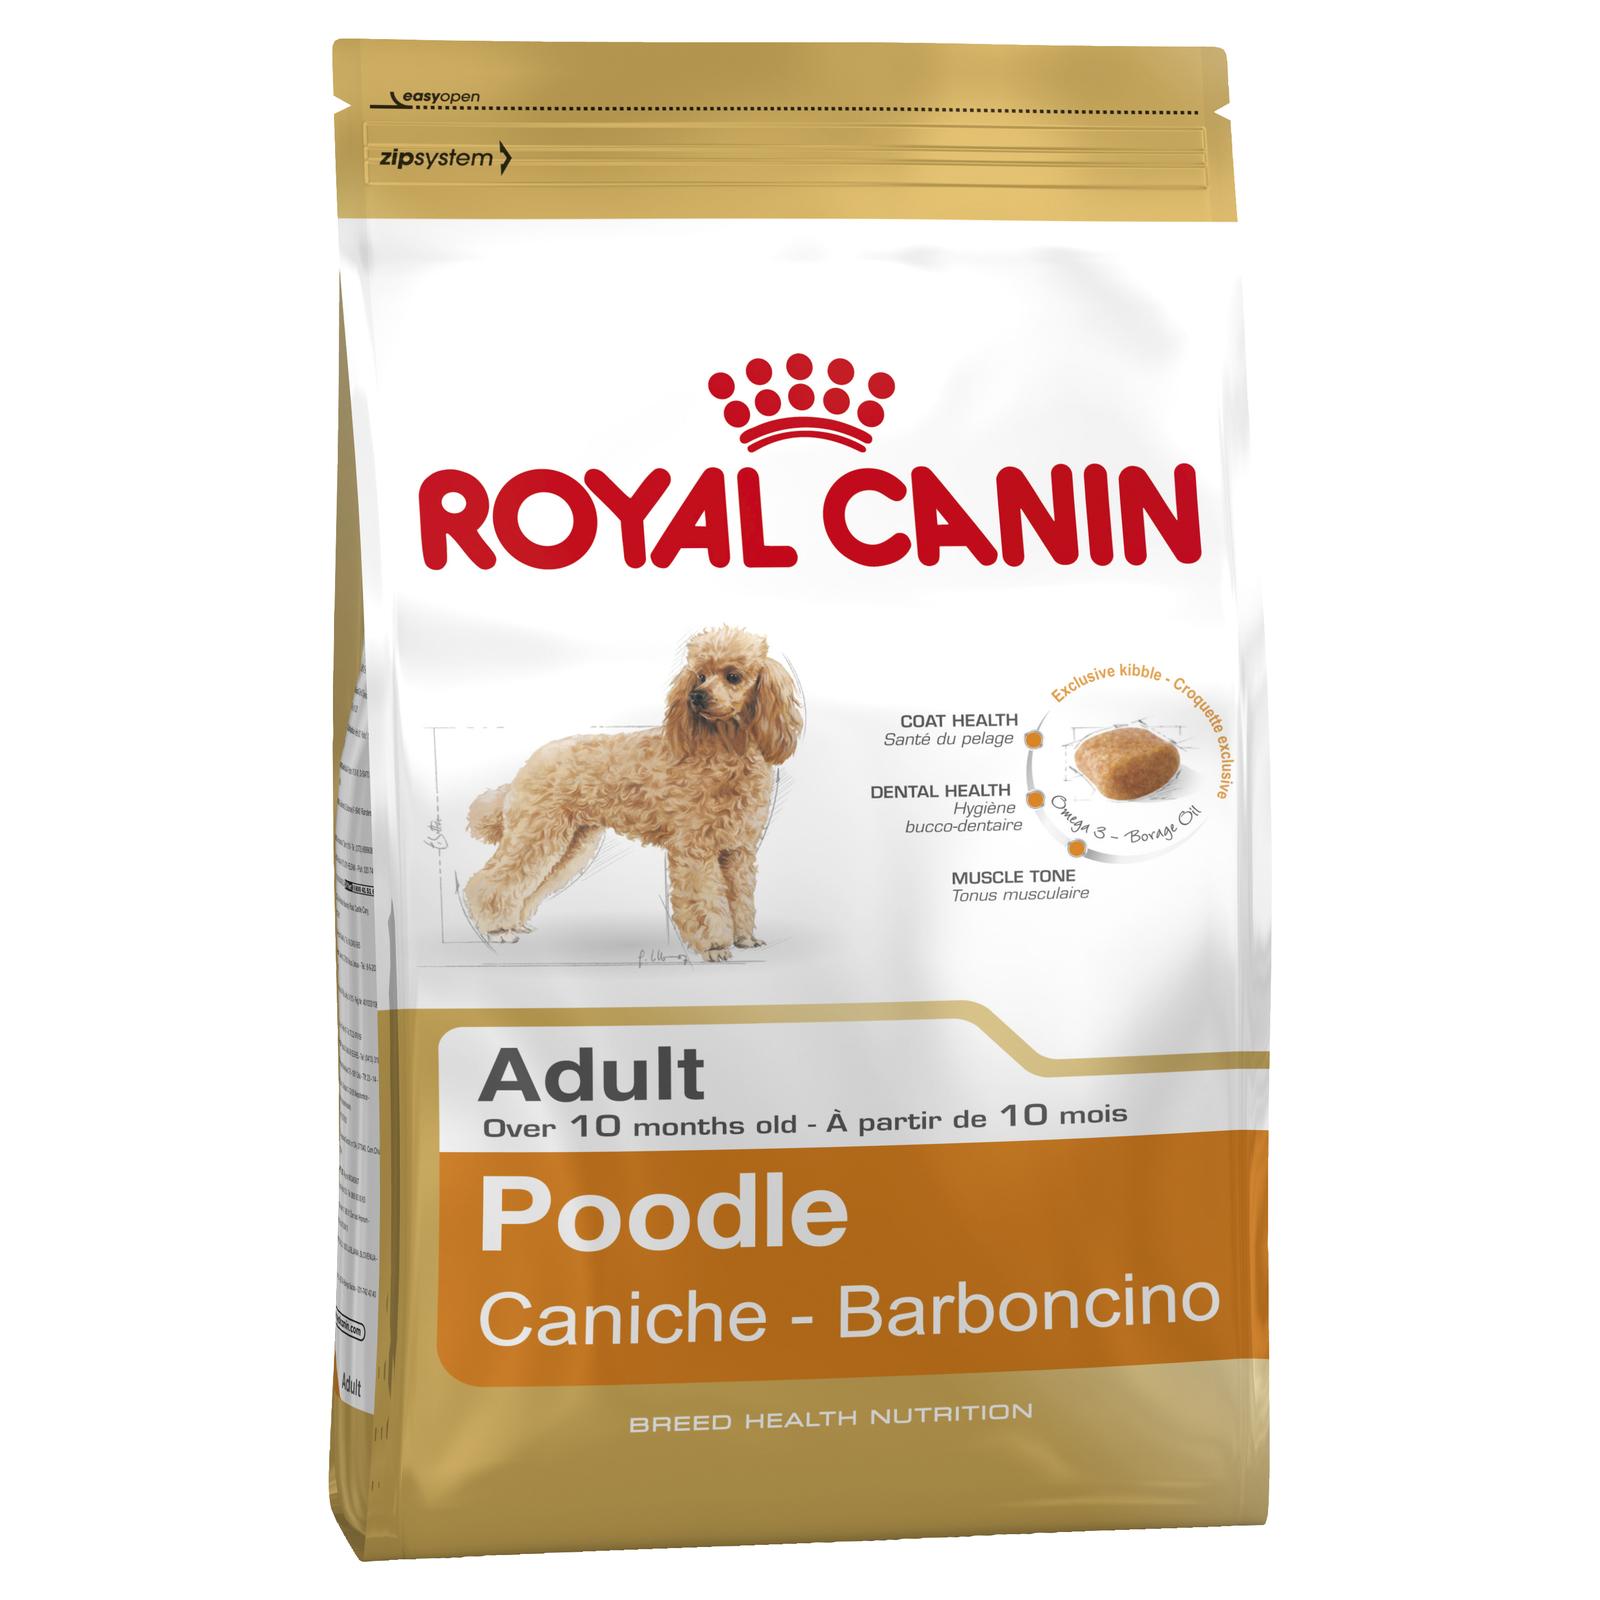 royal canin dry dog food for poodle adult. Black Bedroom Furniture Sets. Home Design Ideas